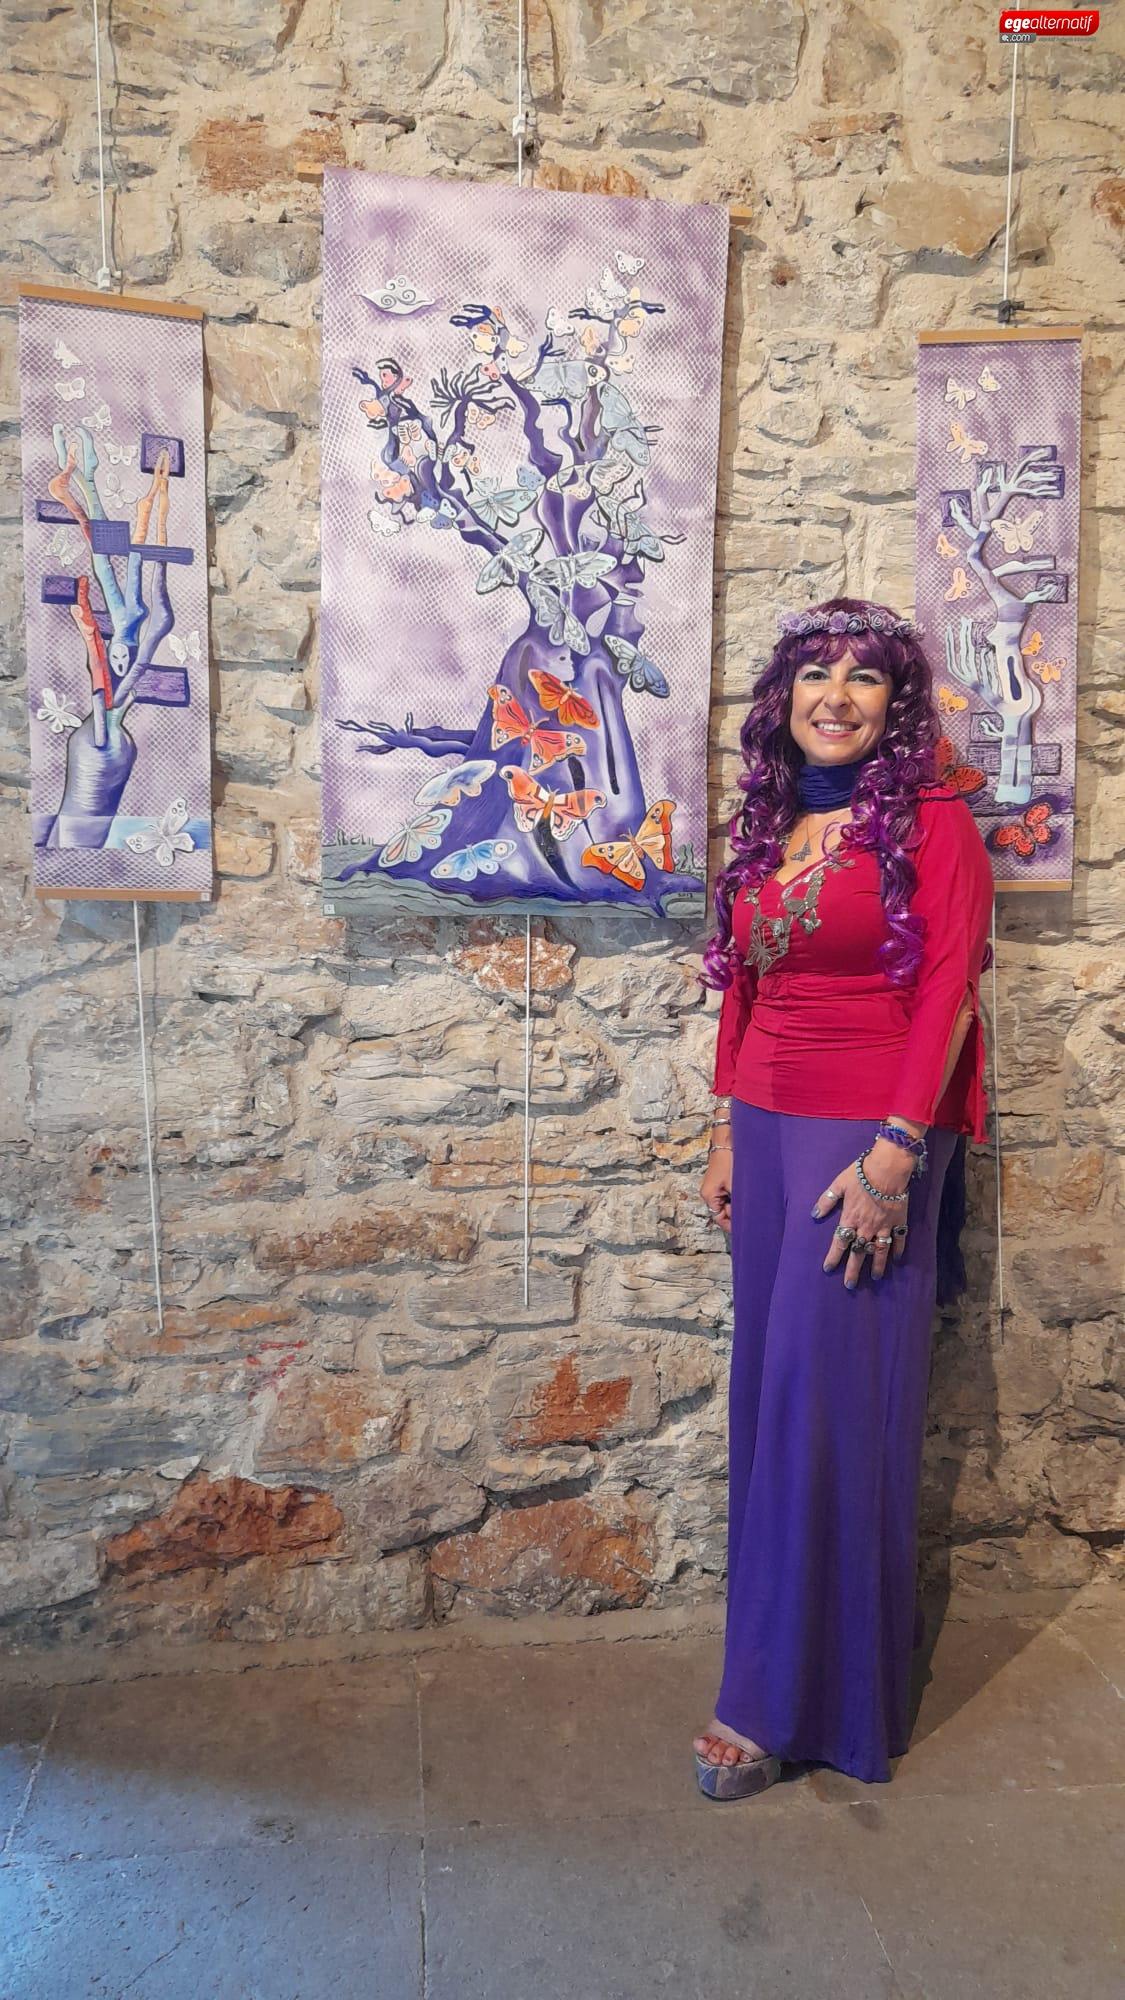 Bodrum'da 'Göç' konulu resim sergisi açıldı